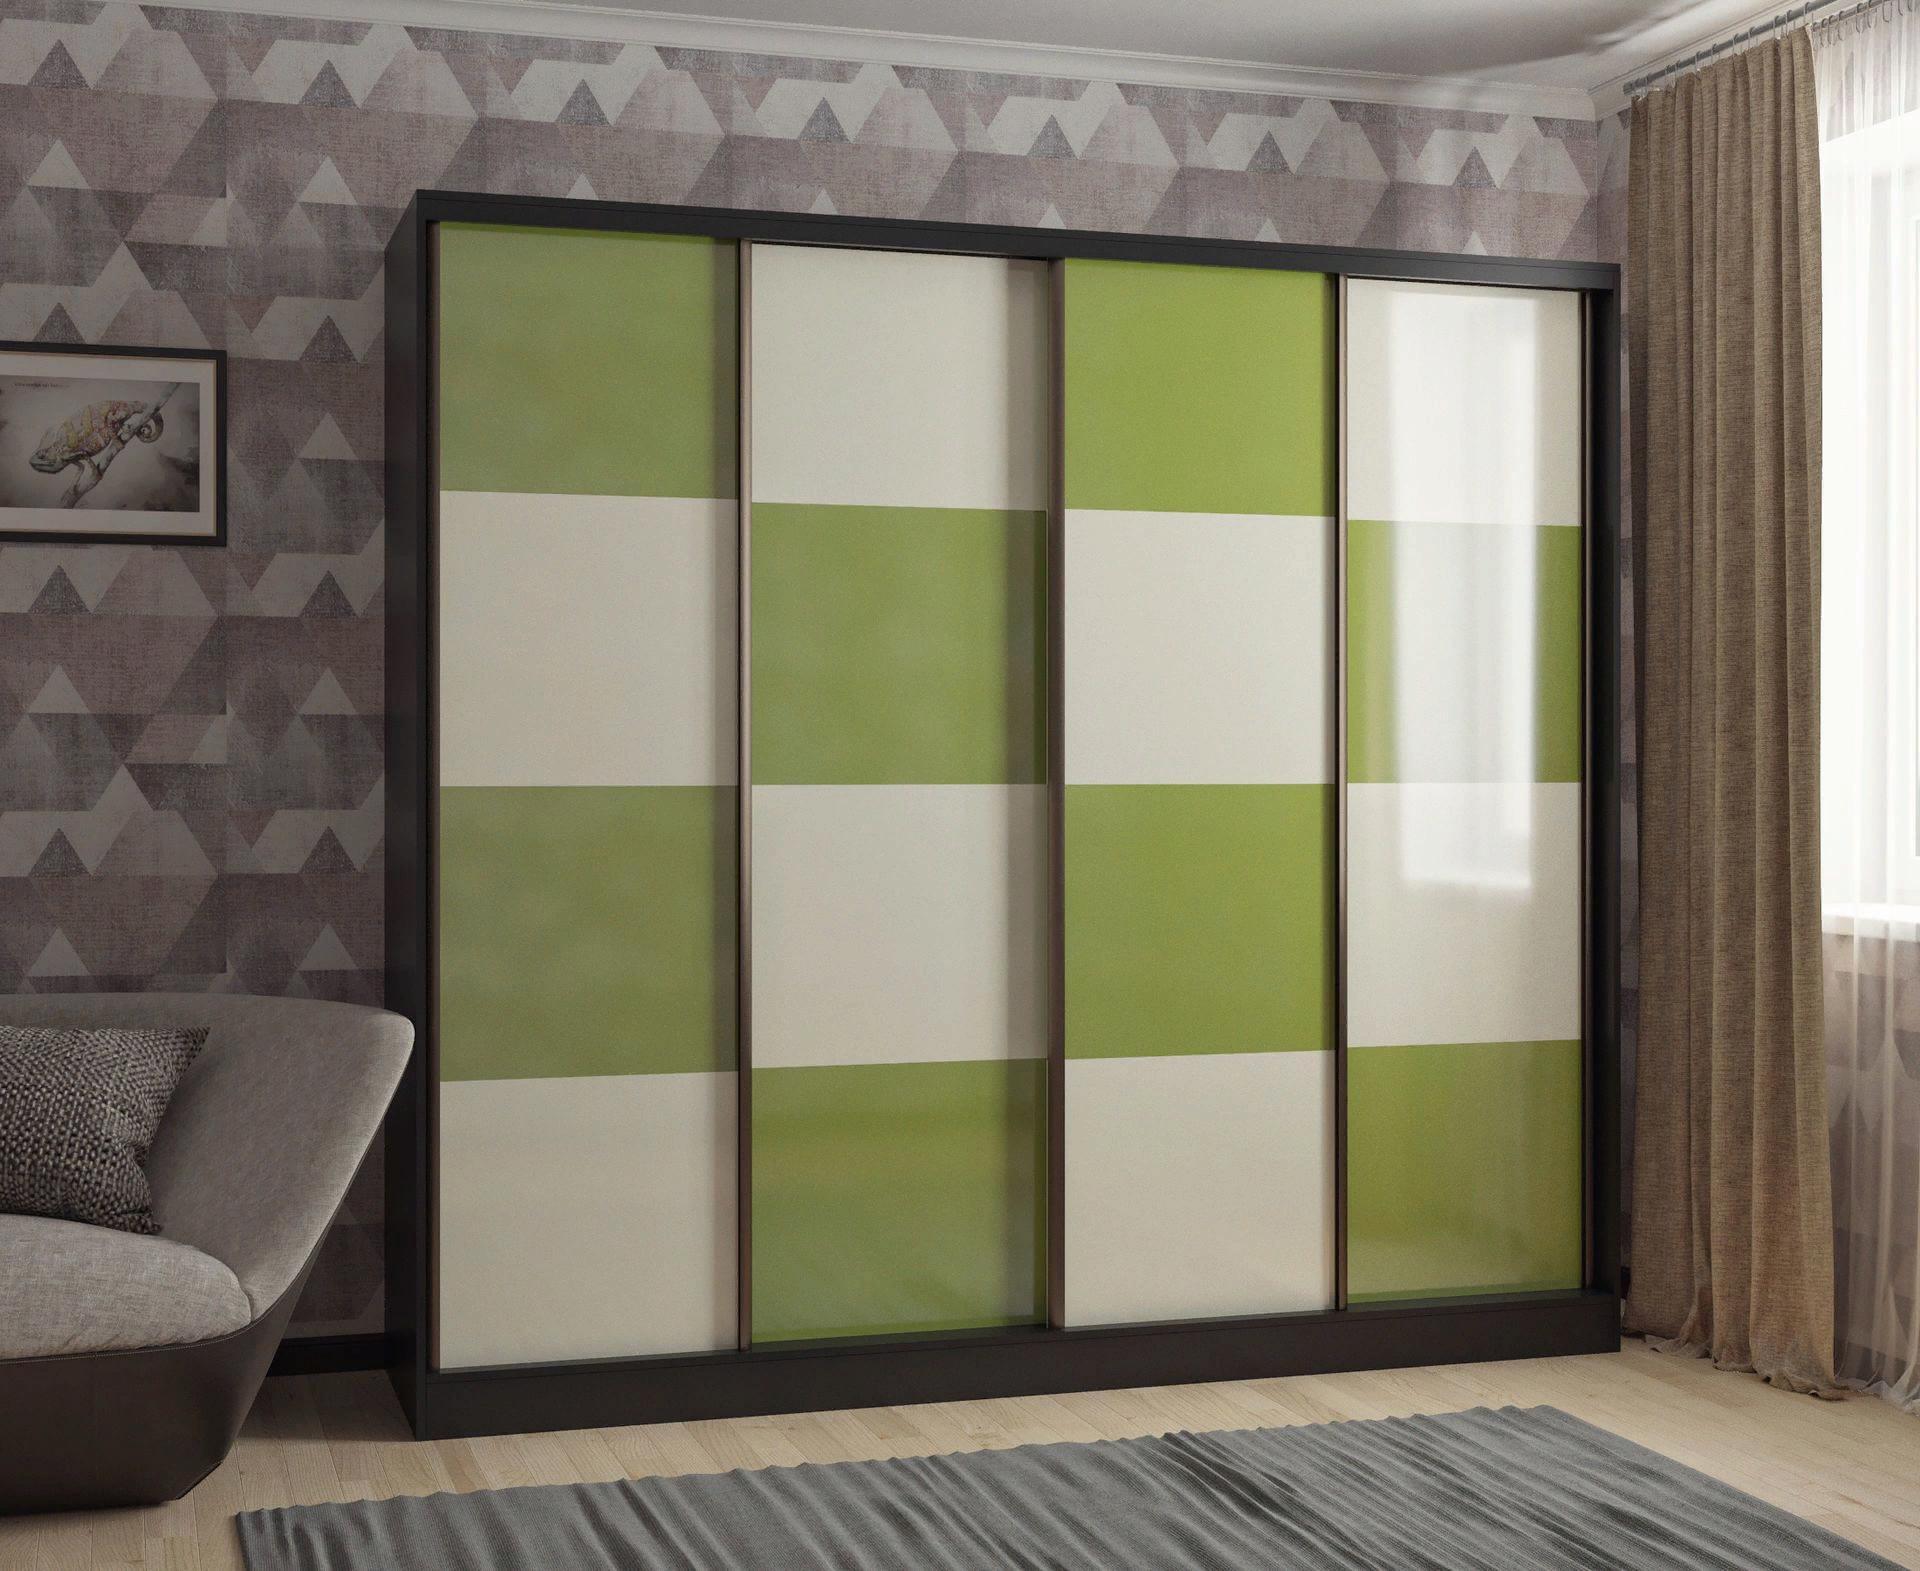 Шкаф-купе в гостиную 4 двери Венге Лилово-Зеленый Бежевый